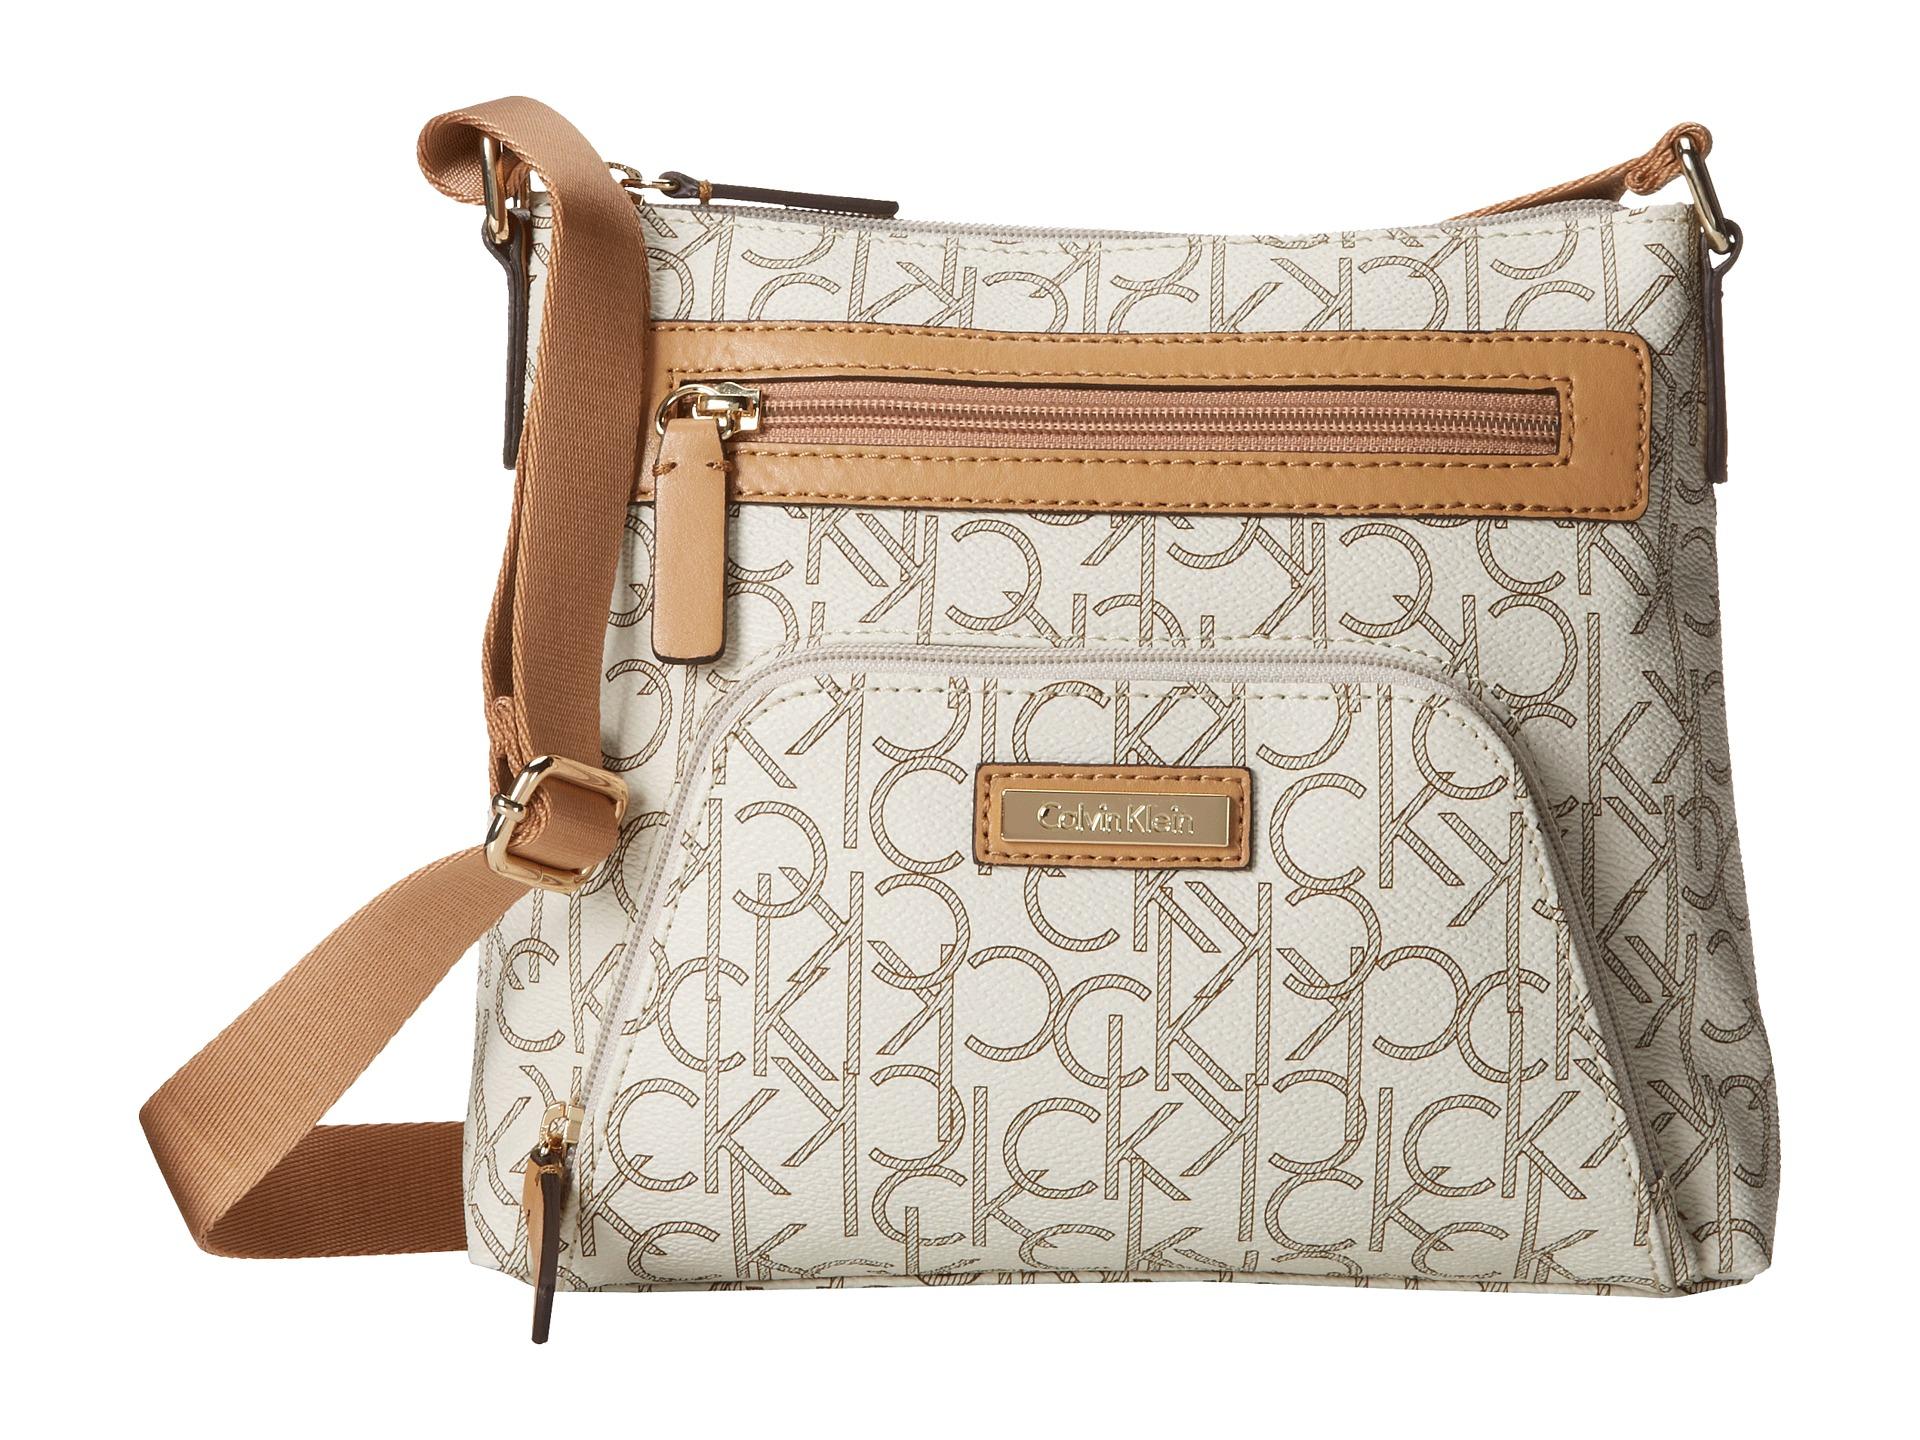 0a9fd06d8 Gallery. Previously sold at: Zappos · Women's Calvin Klein Cross-Body Bags